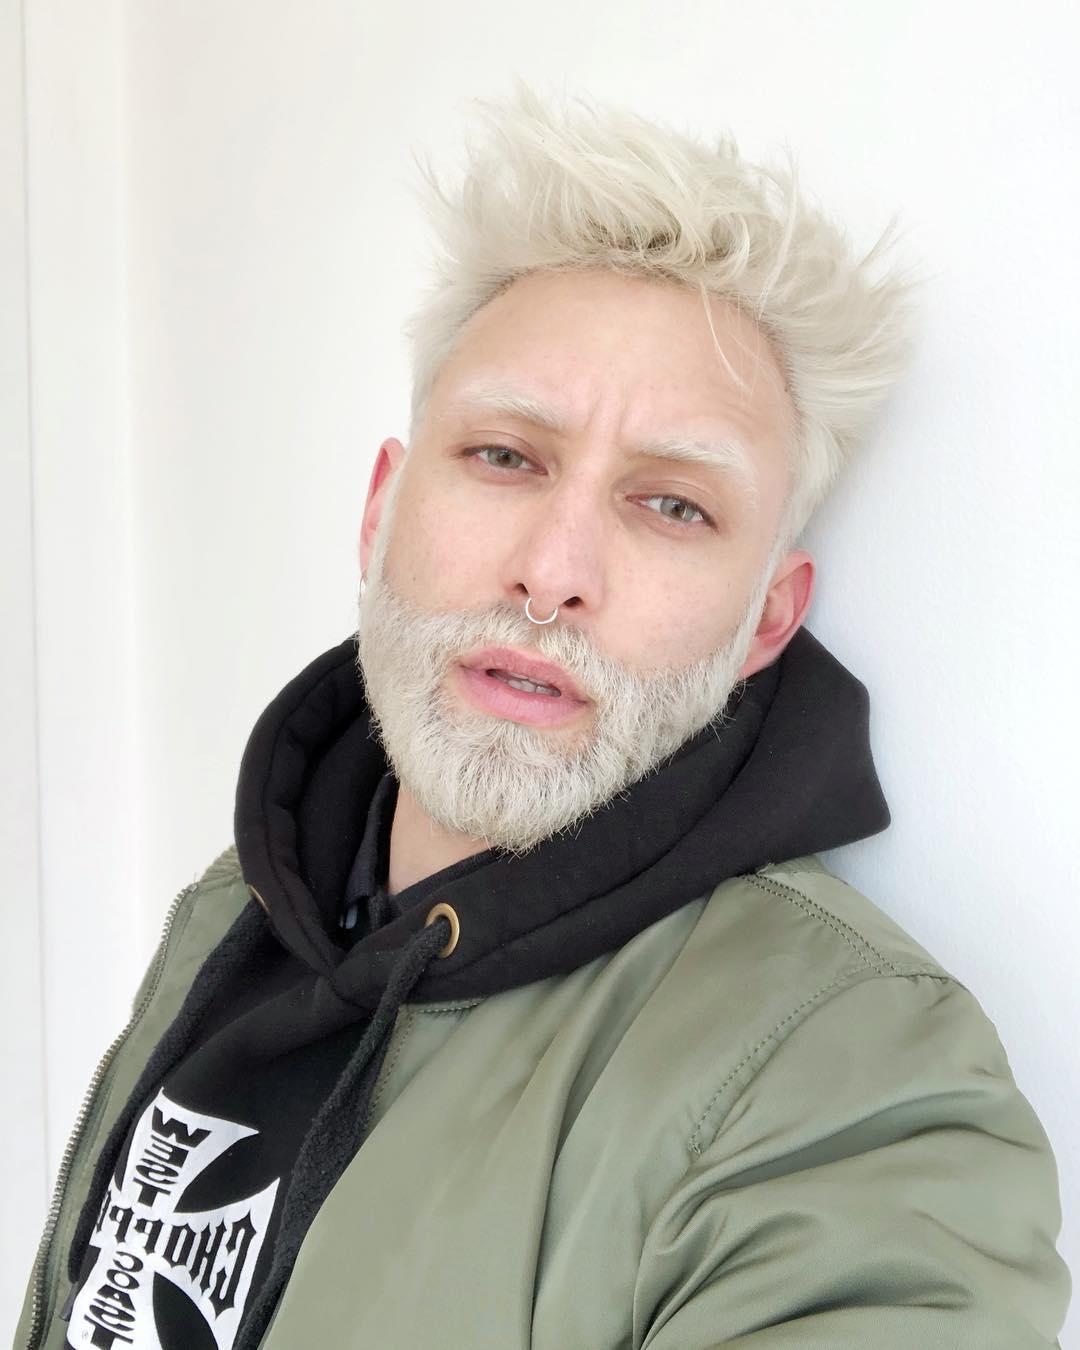 LOVE being blond